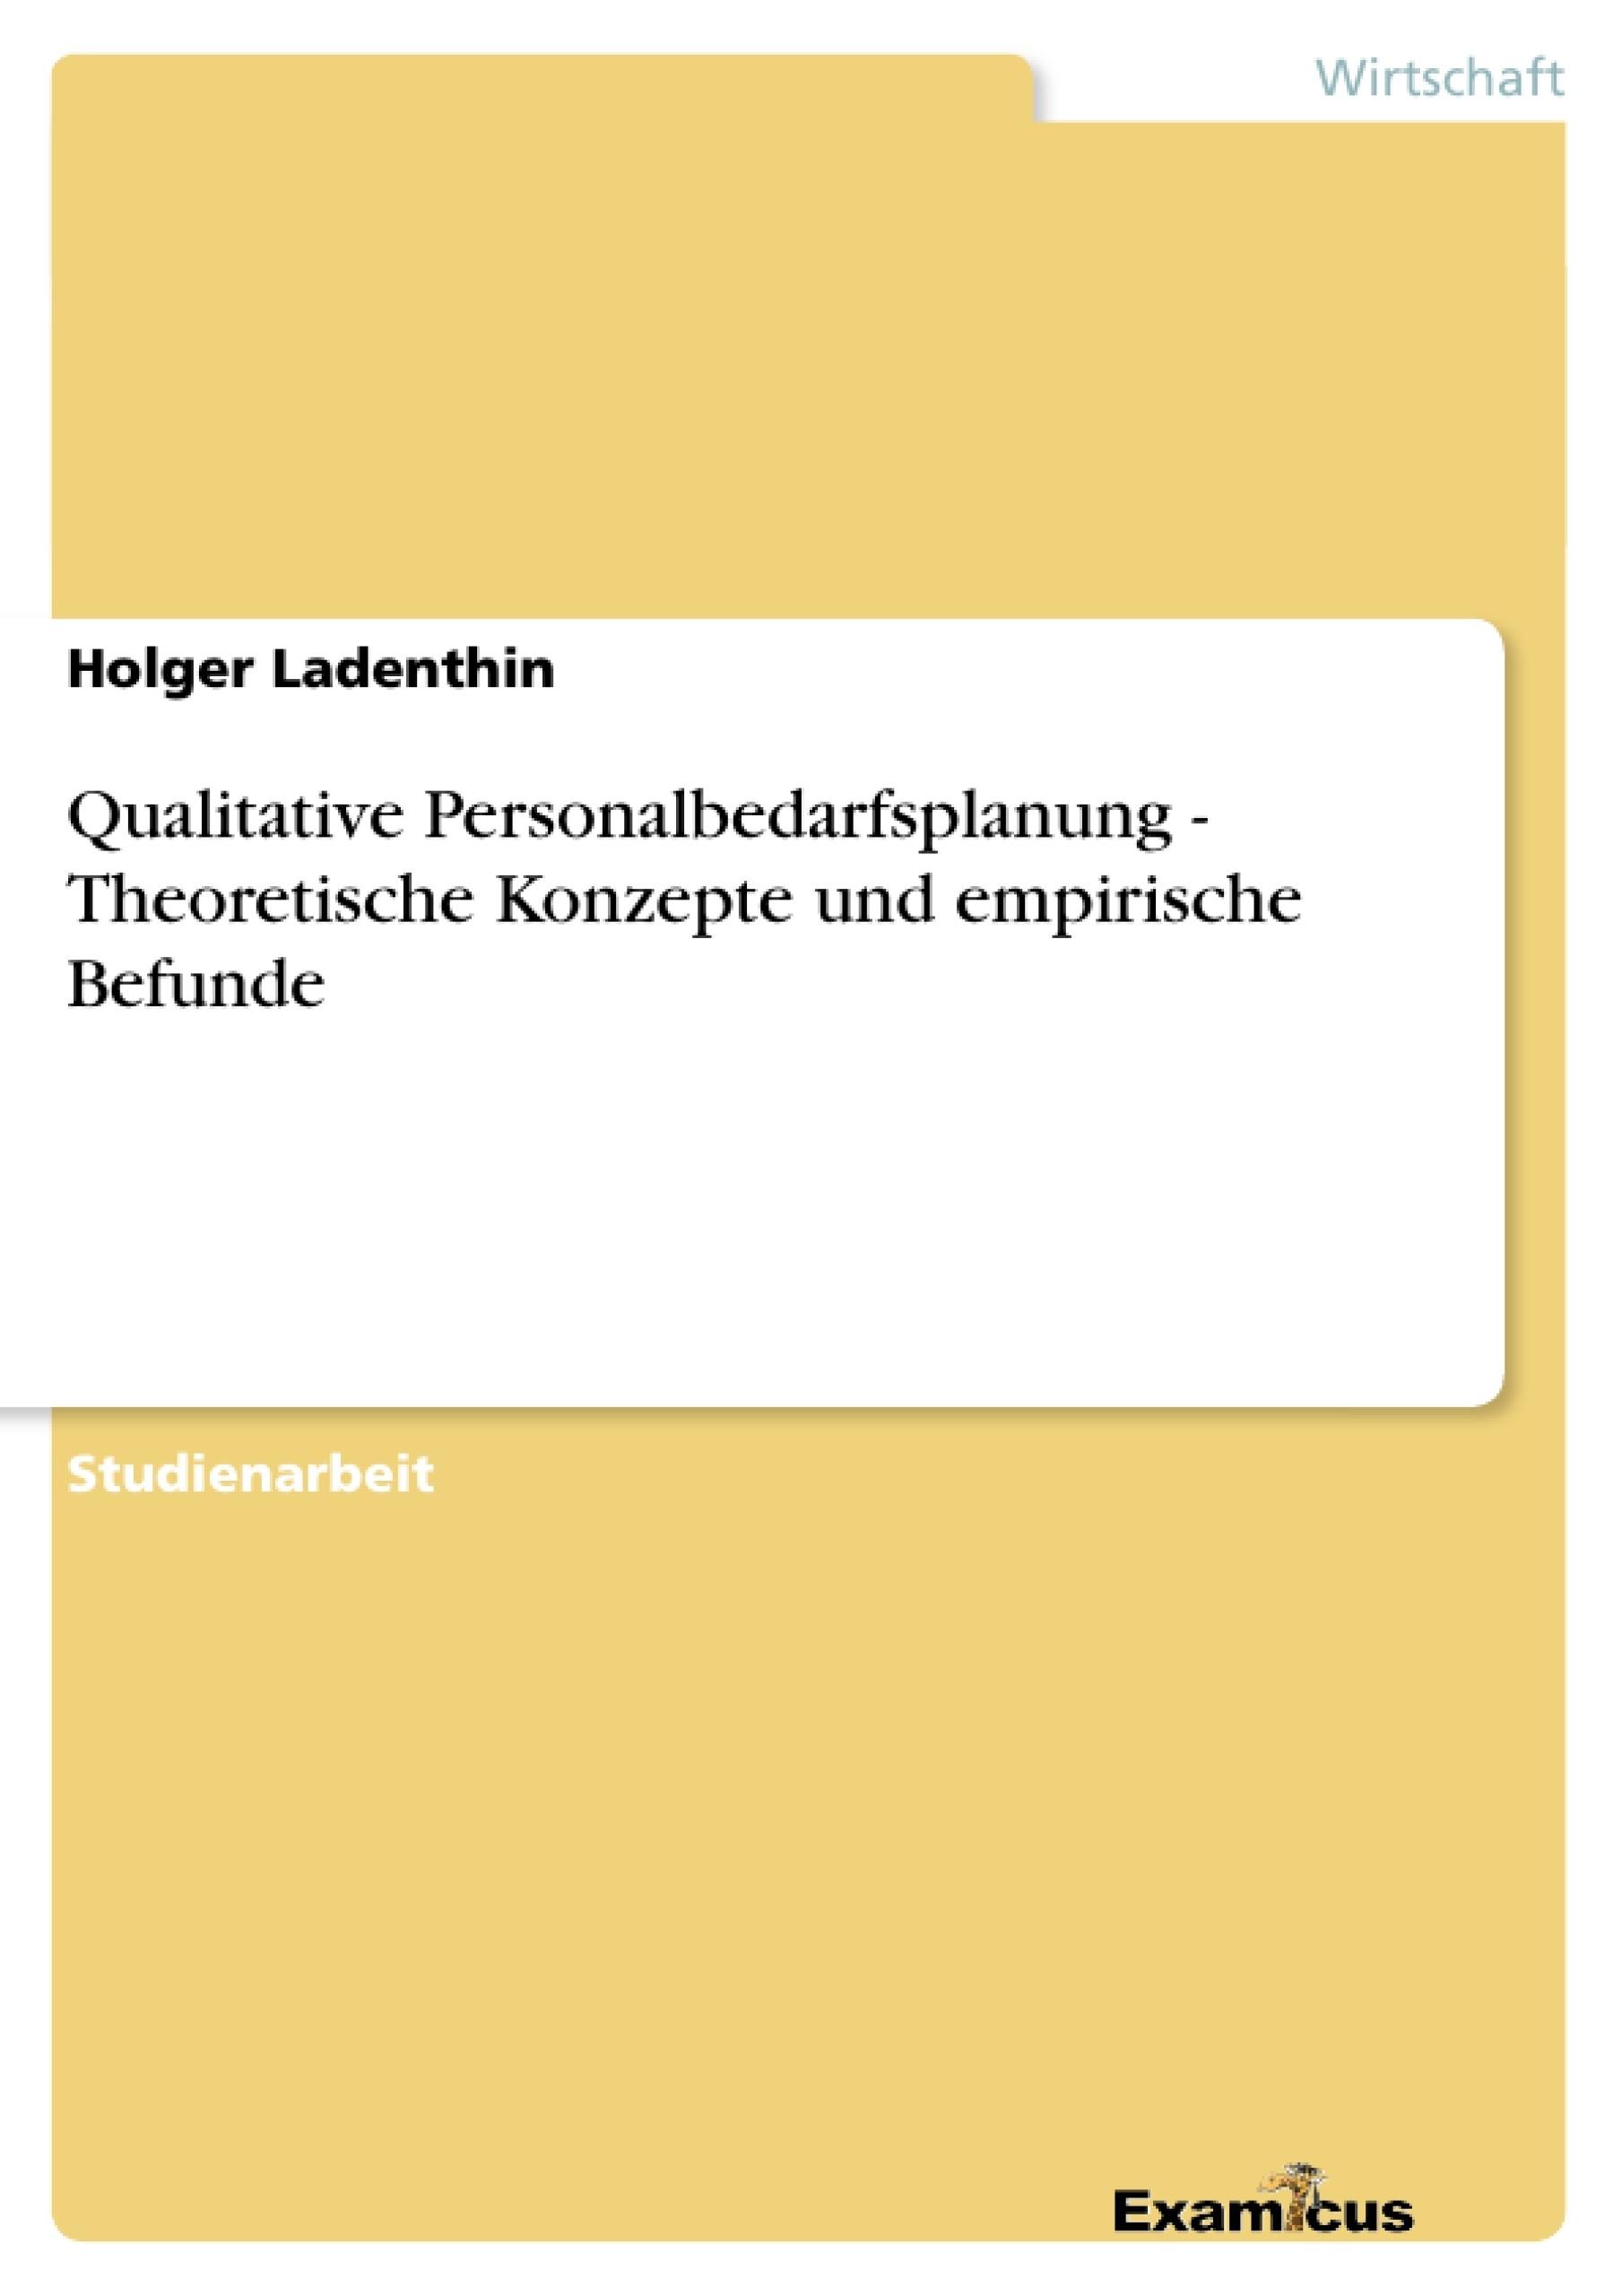 Titel: Qualitative Personalbedarfsplanung - Theoretische Konzepte und empirische Befunde